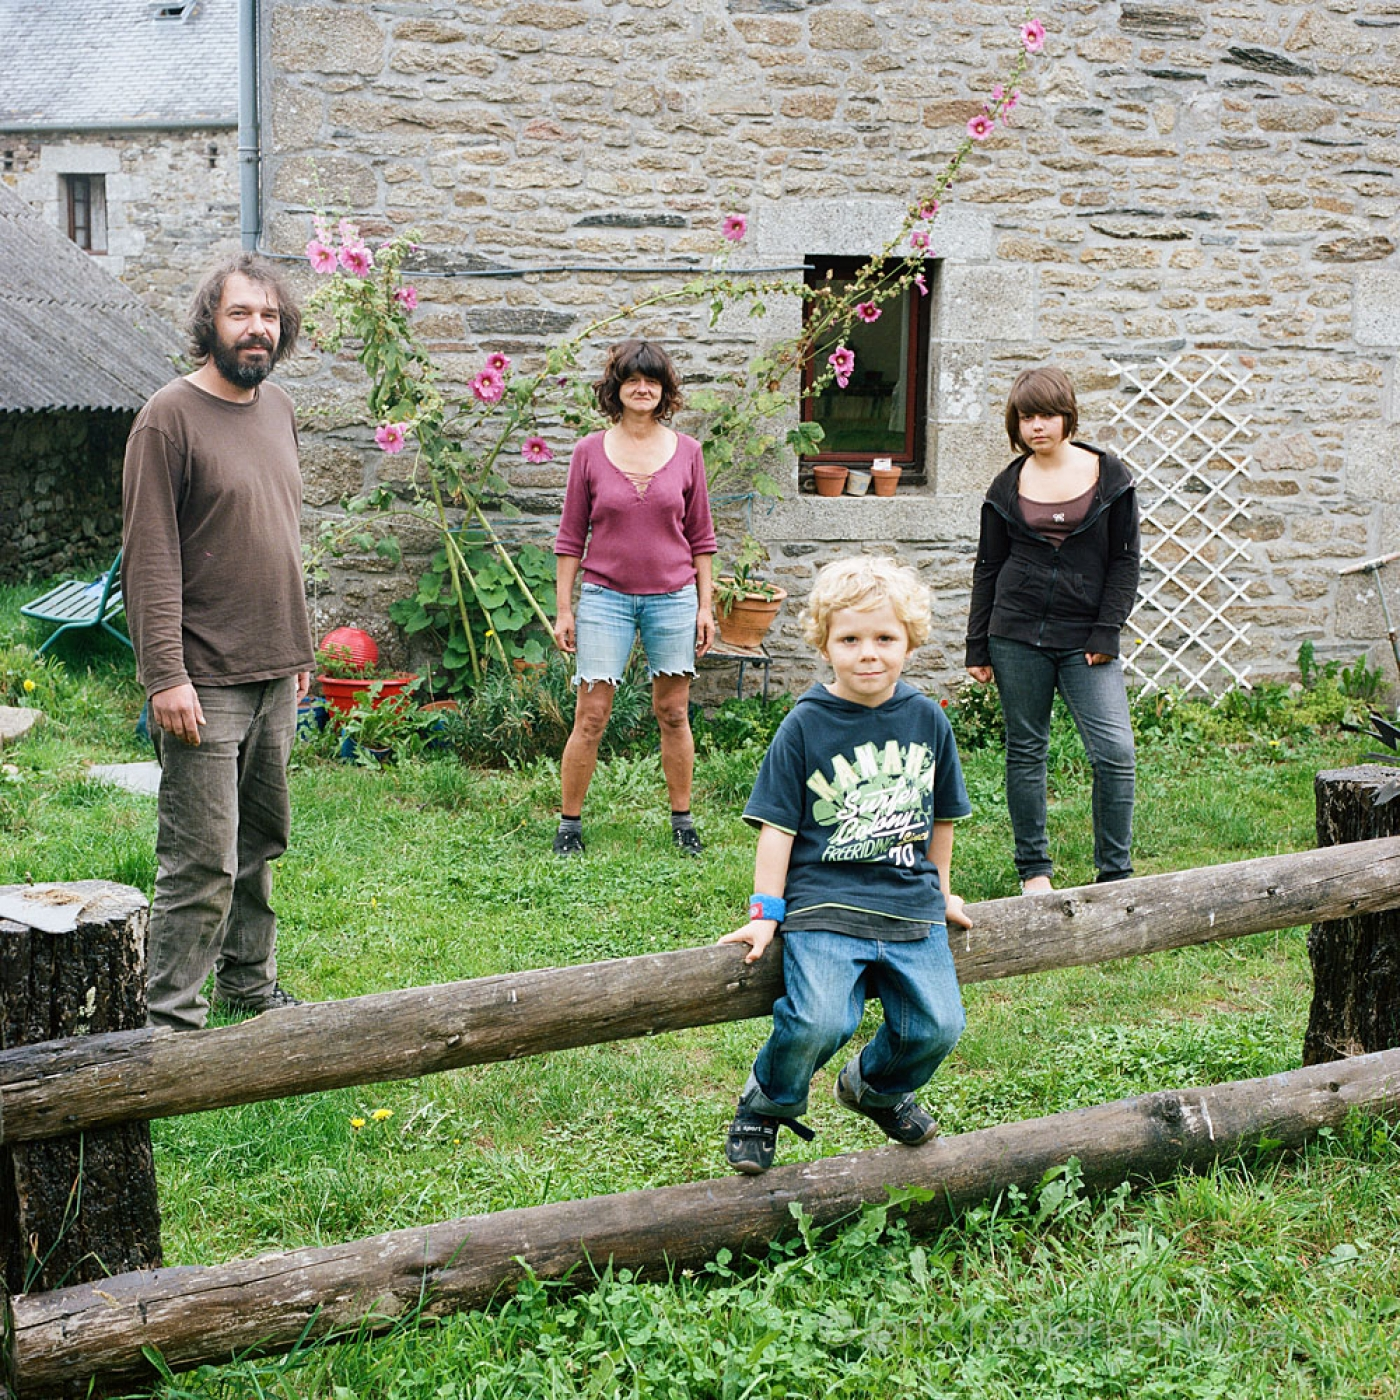 https://www.ericmalemanche.com/imagess/topics/les-bretons-de-l-argoat/liste/Bretons-Malemanche-006.jpg